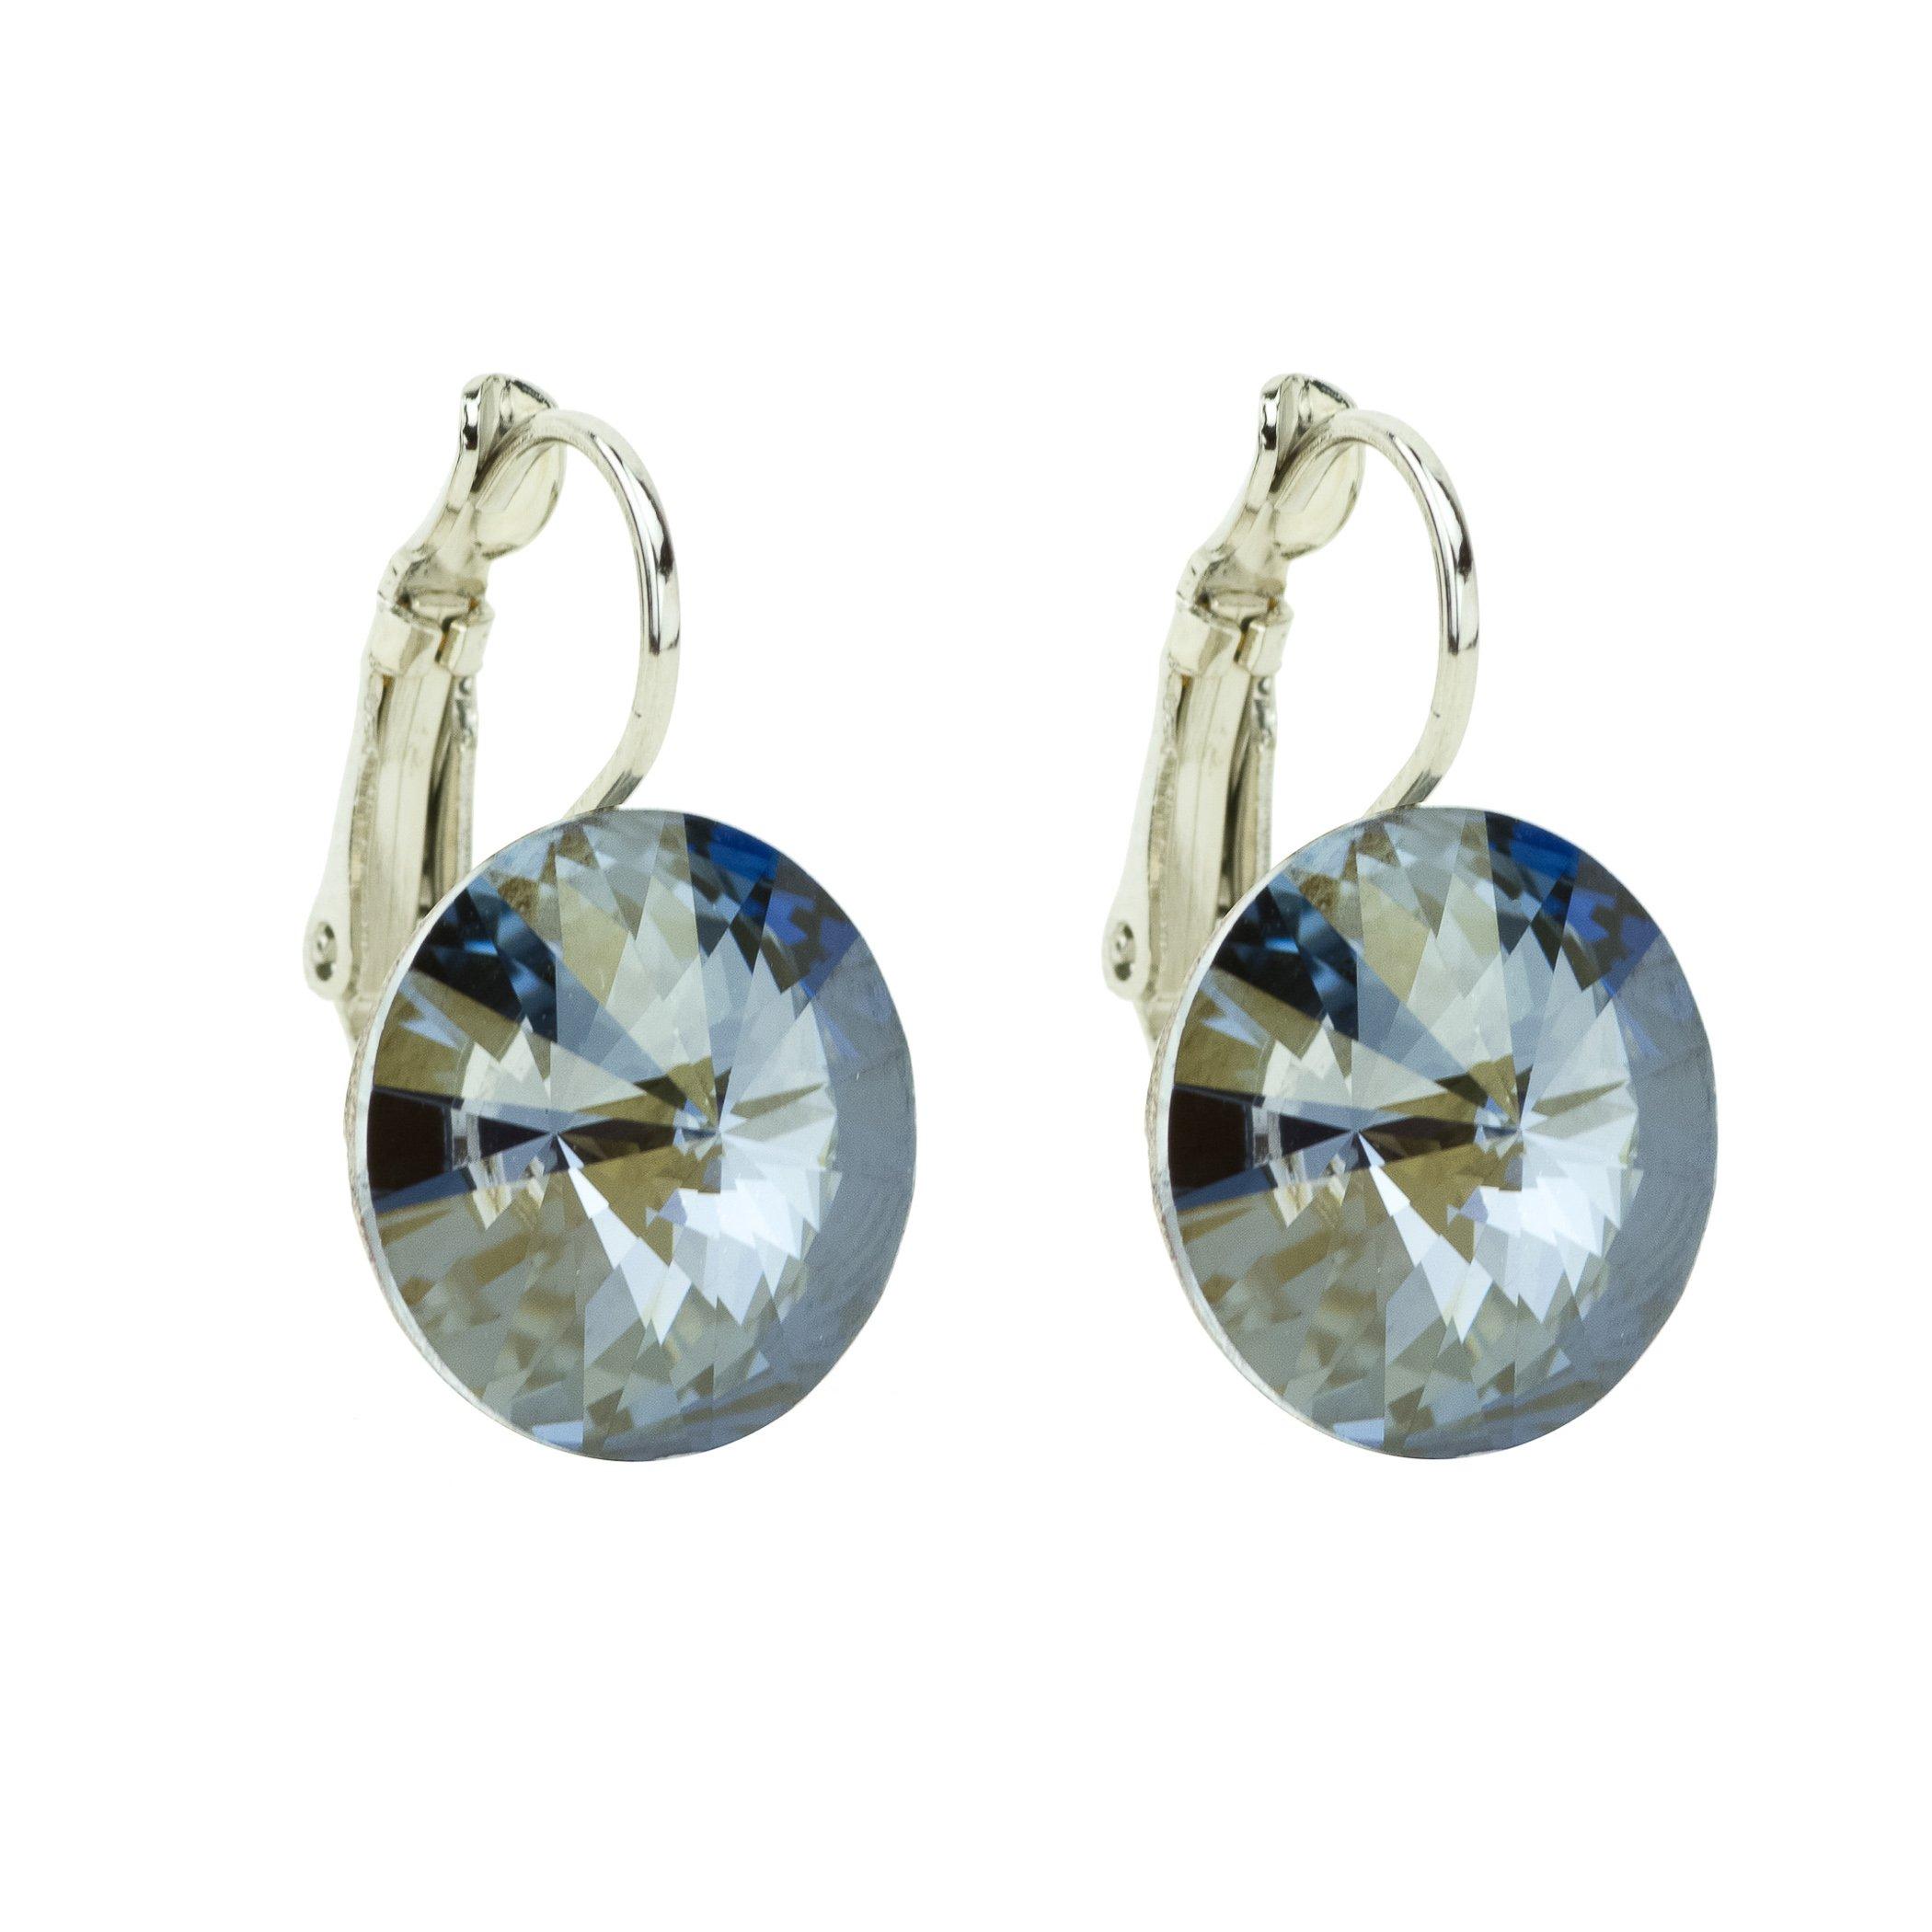 Eve S jewelry orecchini da donna con Swarovski Elements Crystal Blue Shade (14mm) placcati argento